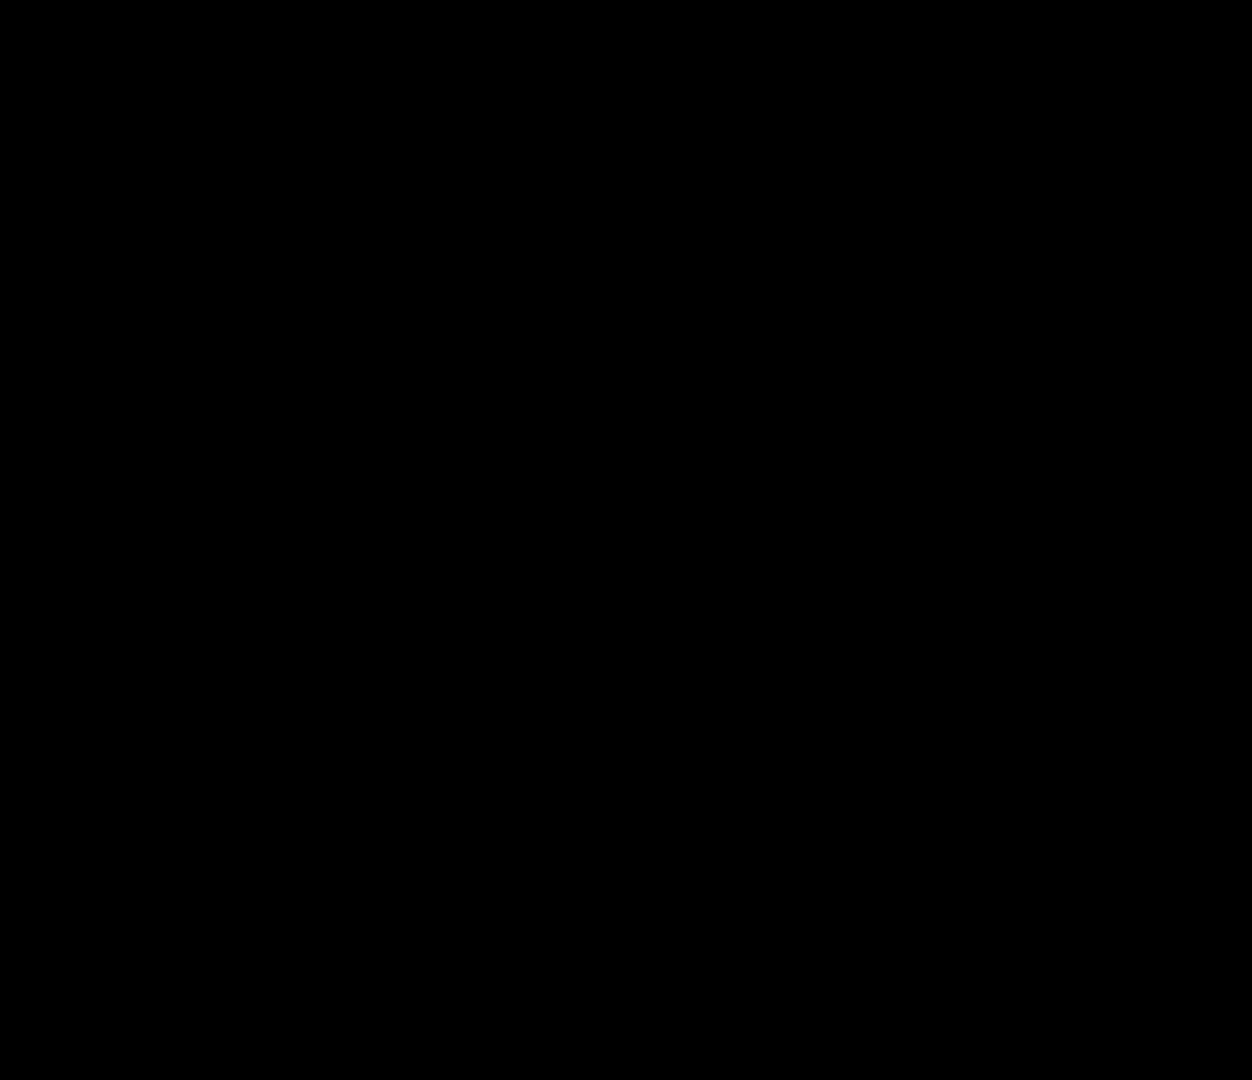 Hummer-logo-wordmark_edited.png